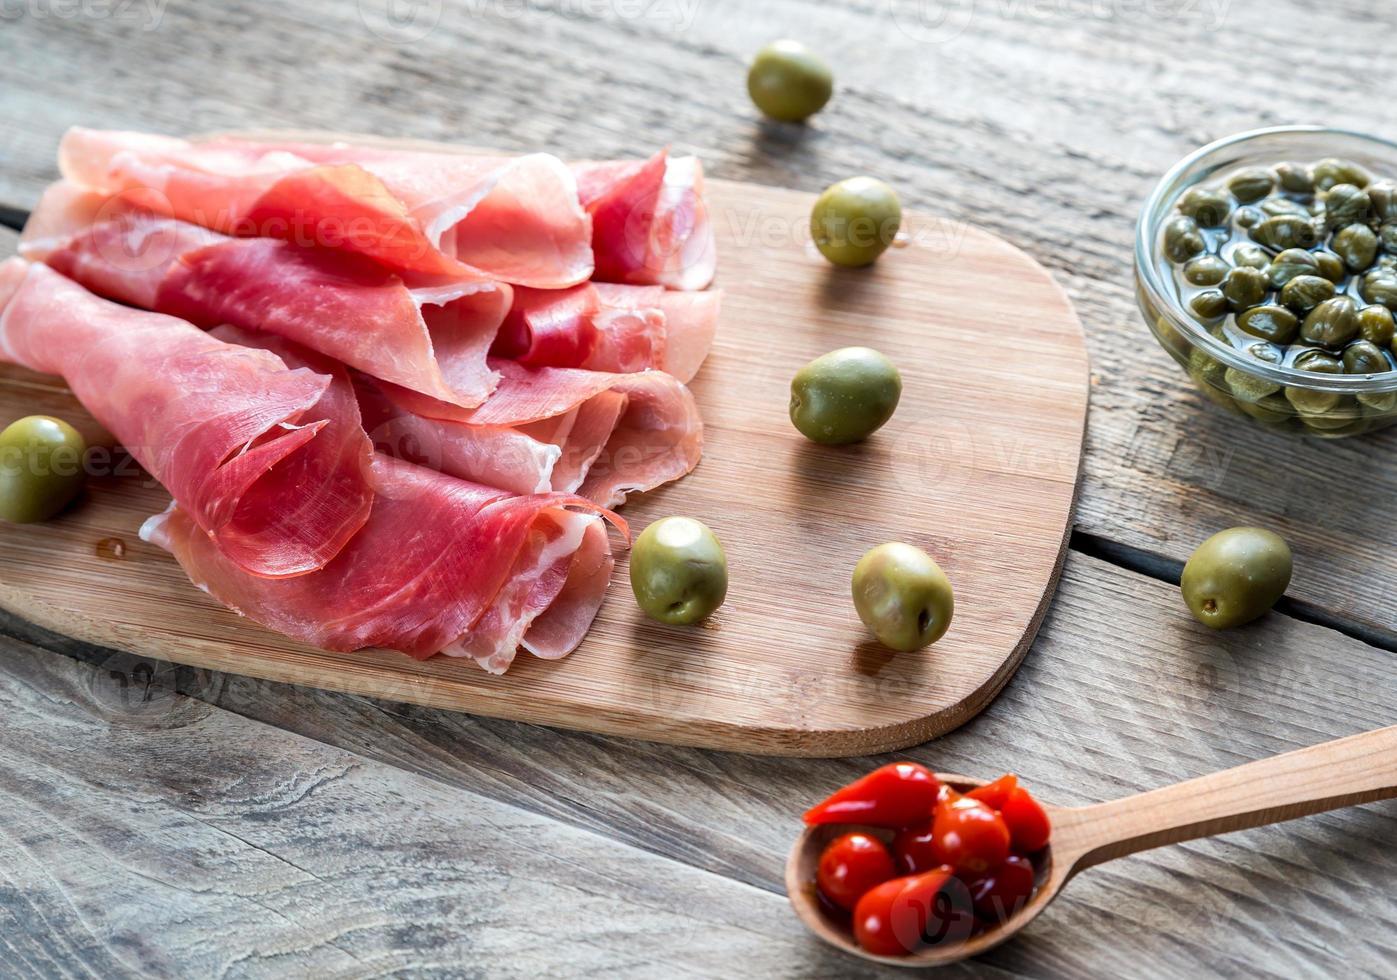 Jamon aux câpres et olives sur la planche de bois photo